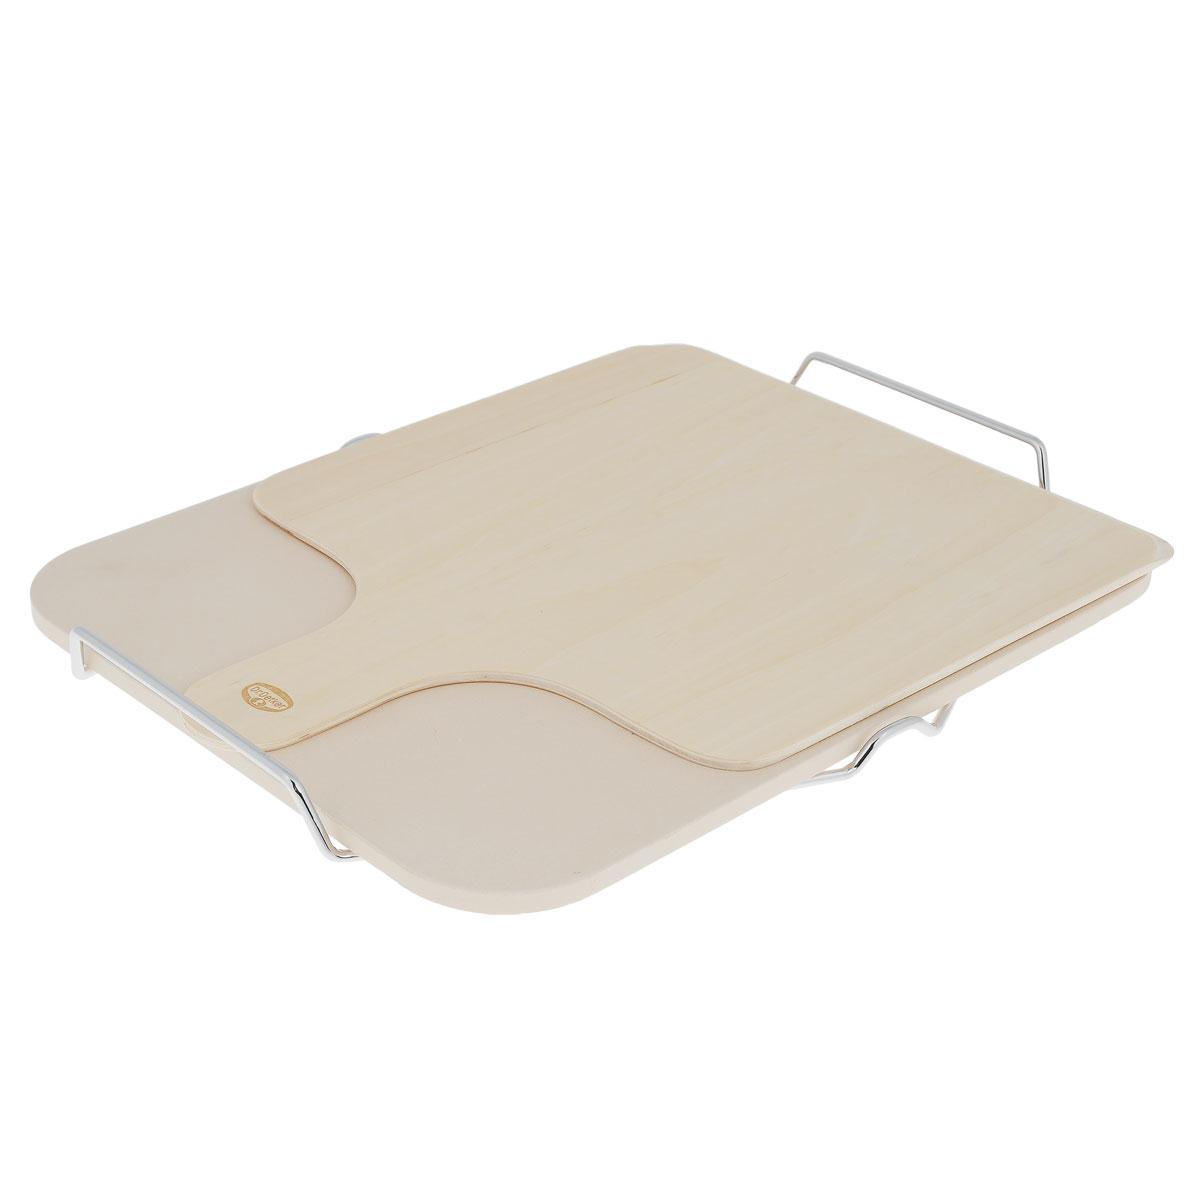 Камень для выпечки Dr.Oetker, с подставкой и лопаткой, 30 см х 38 см2469Камень для выпечки Dr.Oetker выполнен из жаропрочной каменной керамики, имеет прямоугольную форму с закругленными углами и предназначен для выпекания кулинарных изделий. Назначение пекарского камня - обеспечить равномерный прогрев теста по всему его объему, выпекаемого в духовке. Поры камня содержат в себе воздух, обладающий высокими теплоизоляционными свойствами, что уравнивает температуру в духовом шкафу и не позволяет выпечке пригорать снизу. При использовании пекарного камня нижняя корочка приятно румянится, становится хрустящей. В комплекте подставка с ручками из нержавеющей стали и деревянная лопатка.Камень для выпечки Dr.Oetker станет незаменимым атрибутом на кухне каждой хозяйки. Размер камня: 30 см х 38 см х 1 см.Размер подставки: 41 см х 32 см х 3,5 см.Размер лопатки: 29,5 см х 38,5 см х 0,5 см.